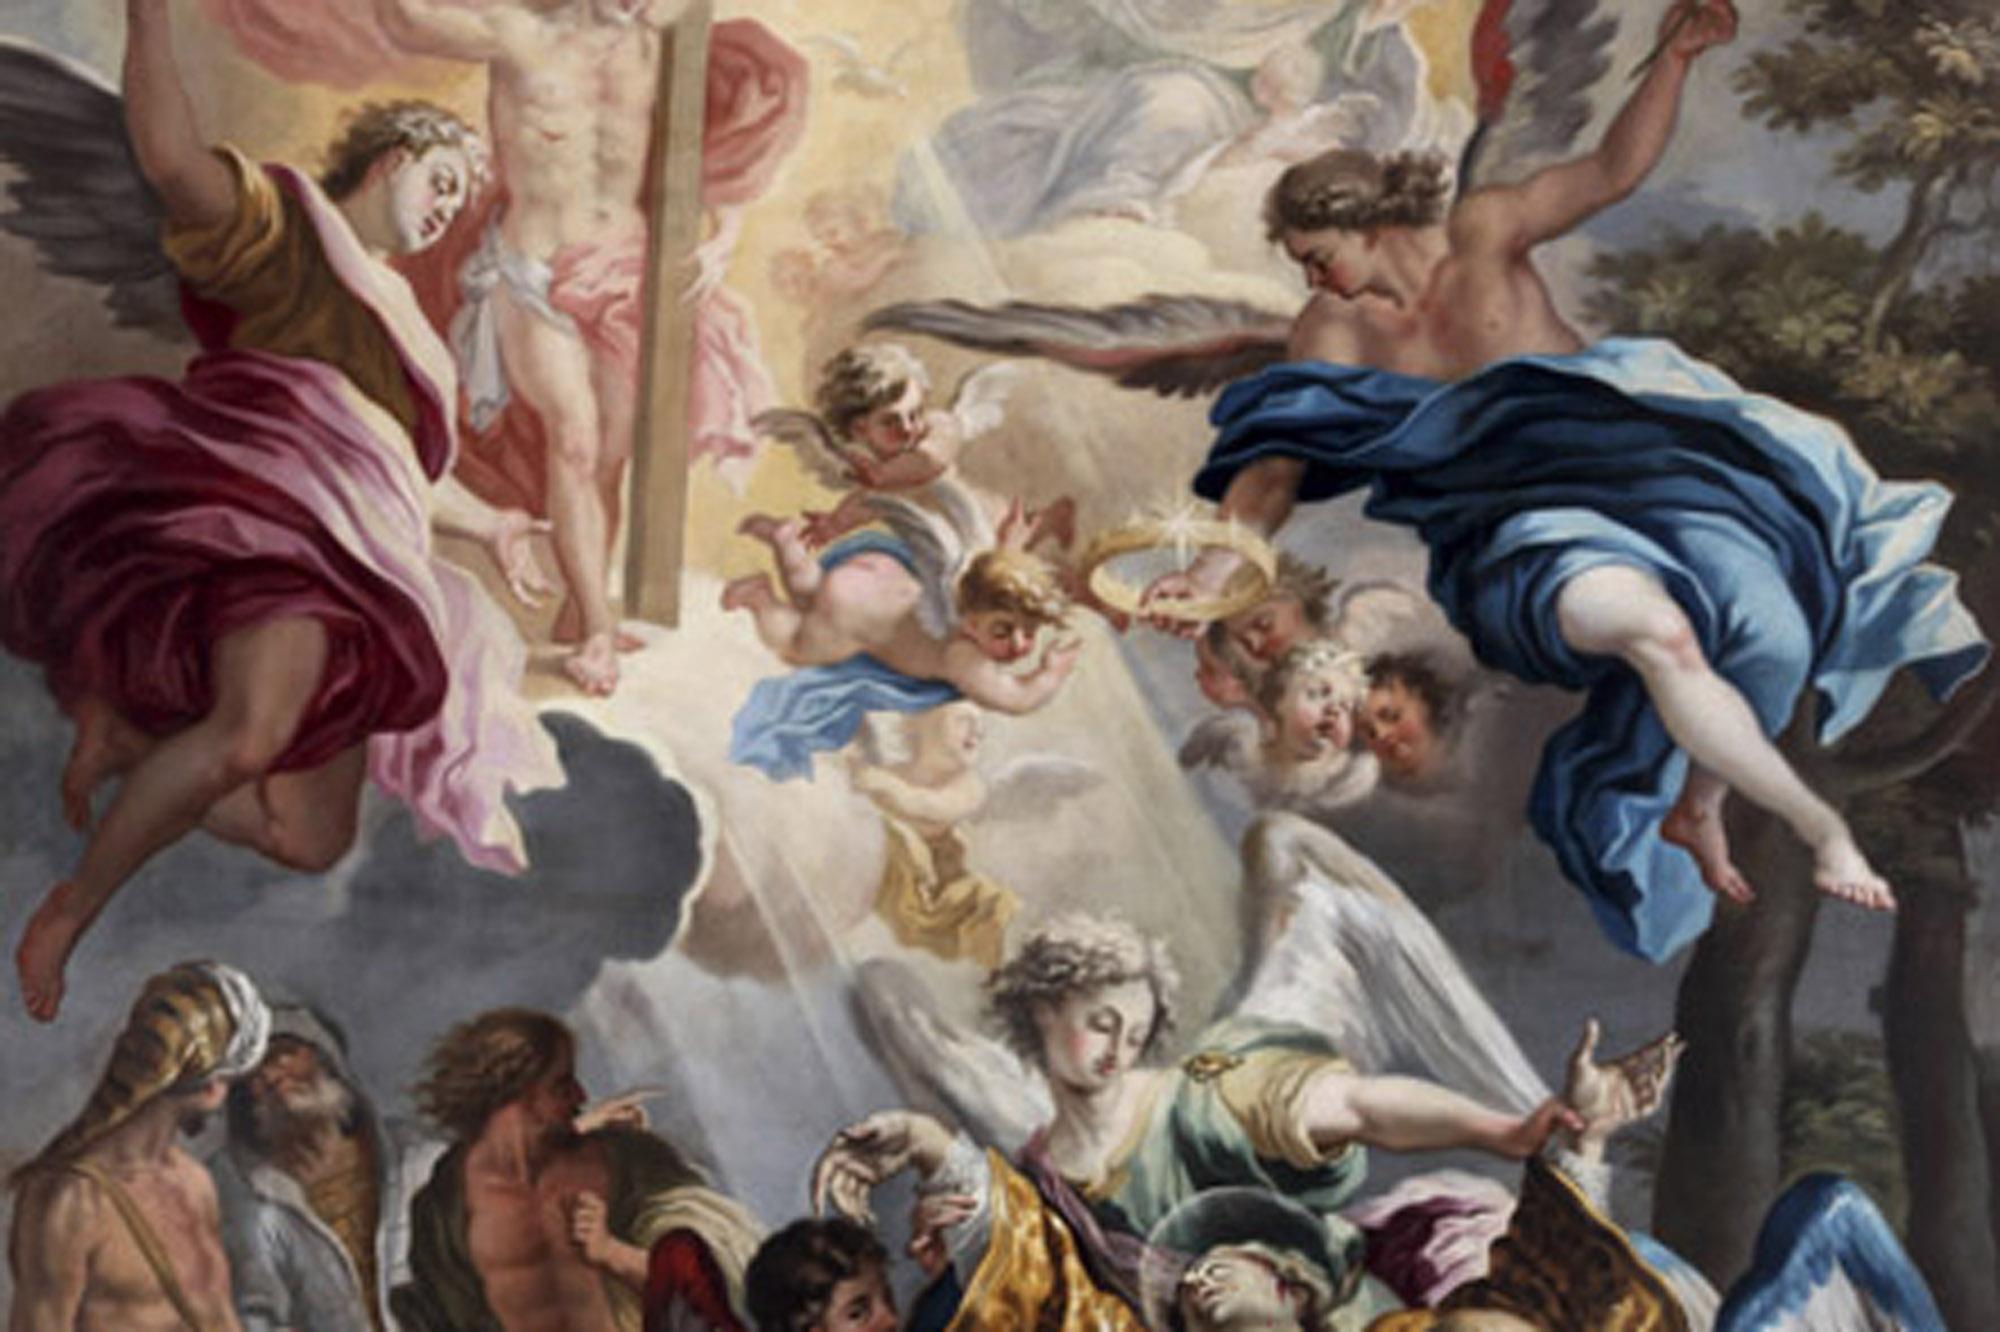 Le Giornate Europee del Patrimonio a Matera